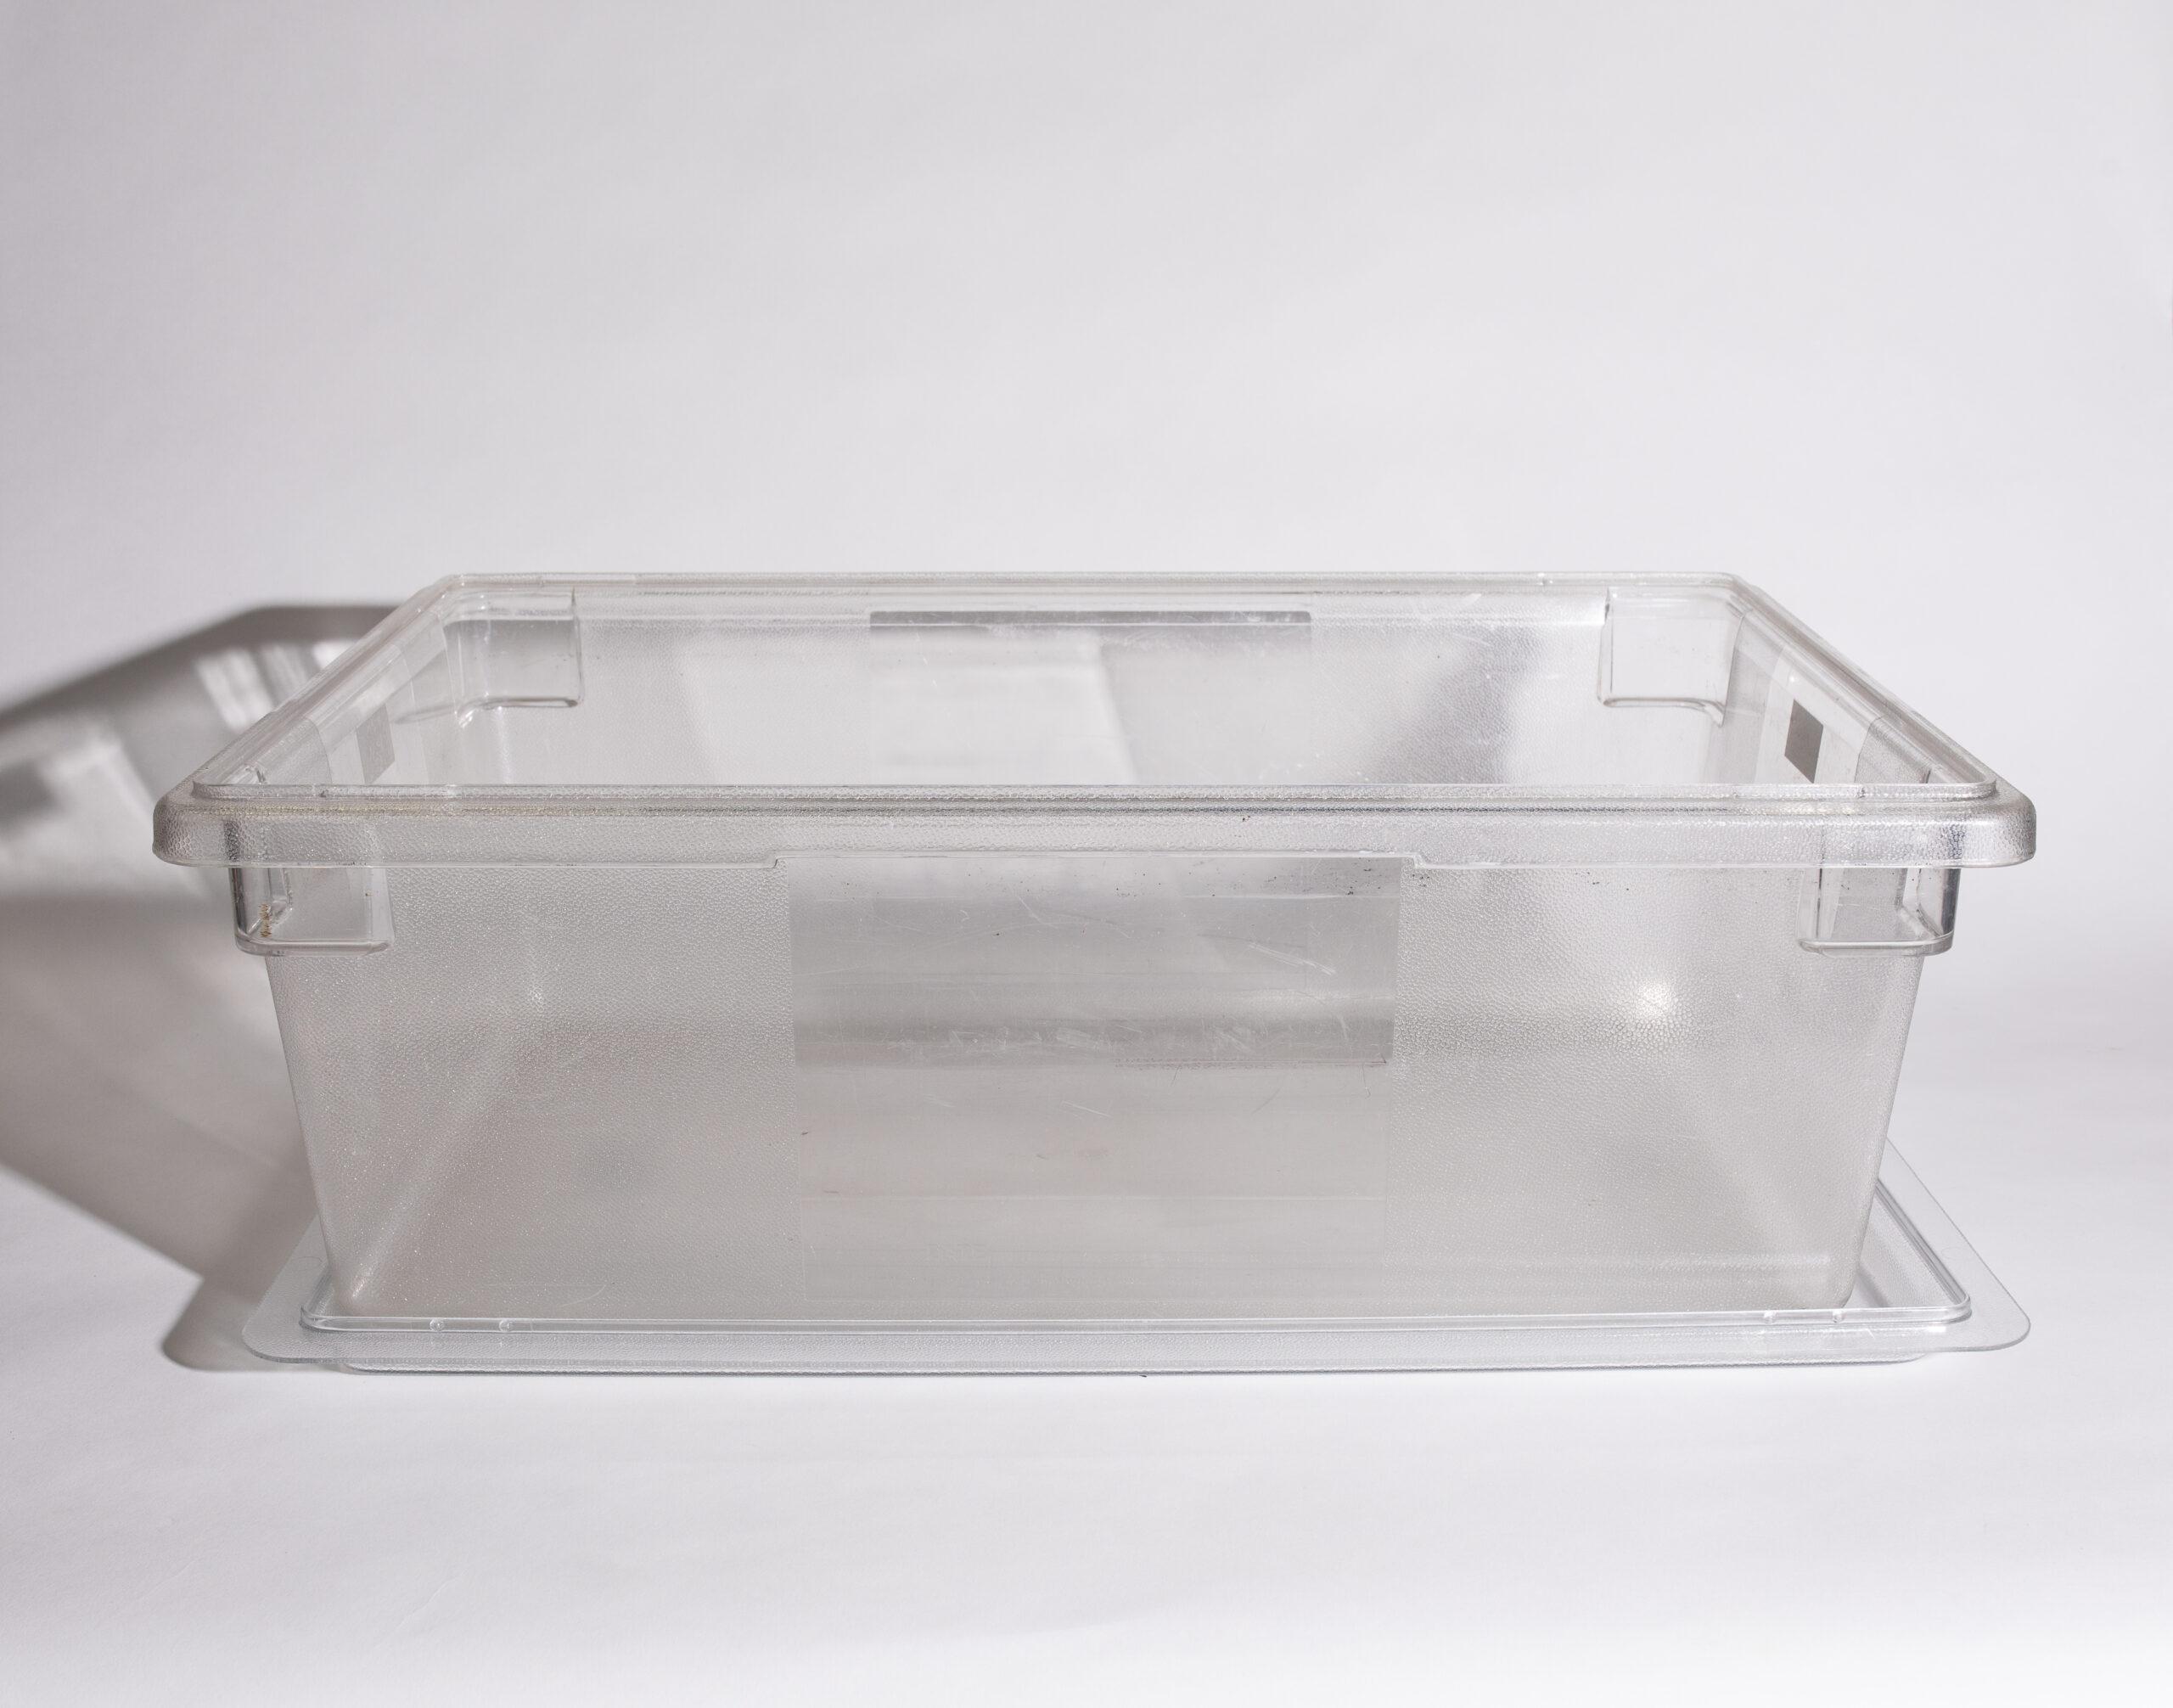 Beverage cooling bin (plastic)